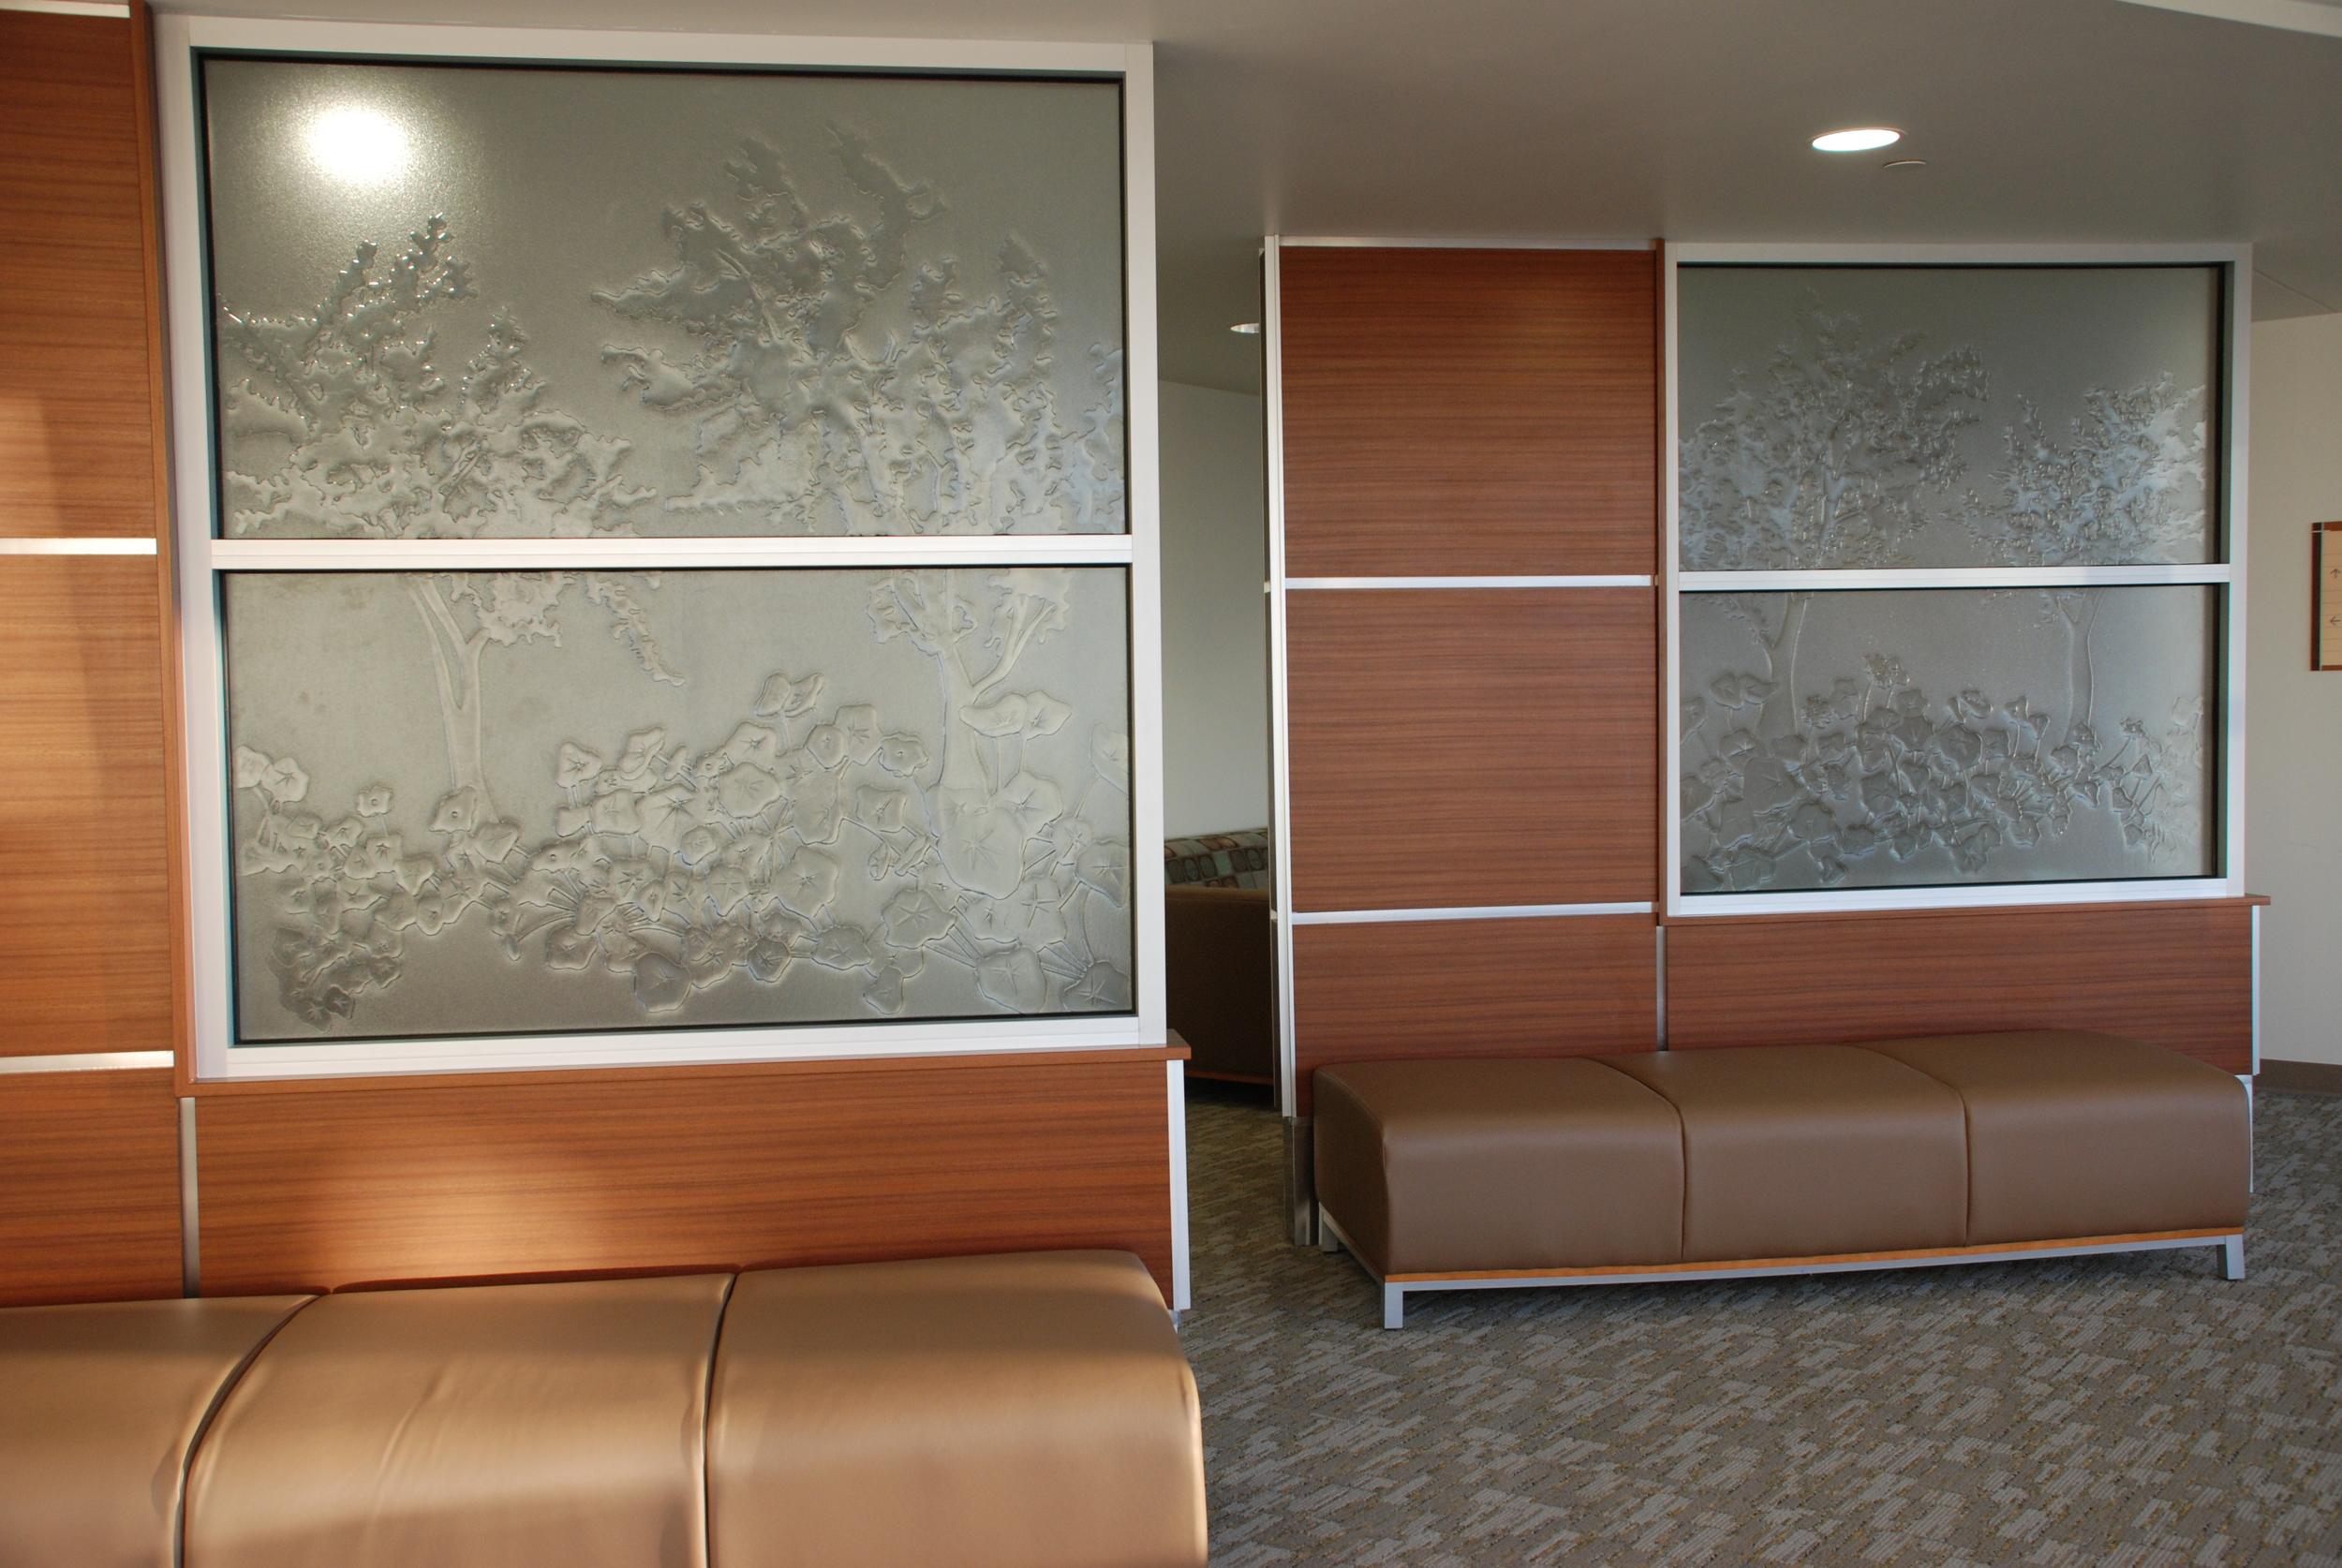 Midlands Hospital - Papillion, NE